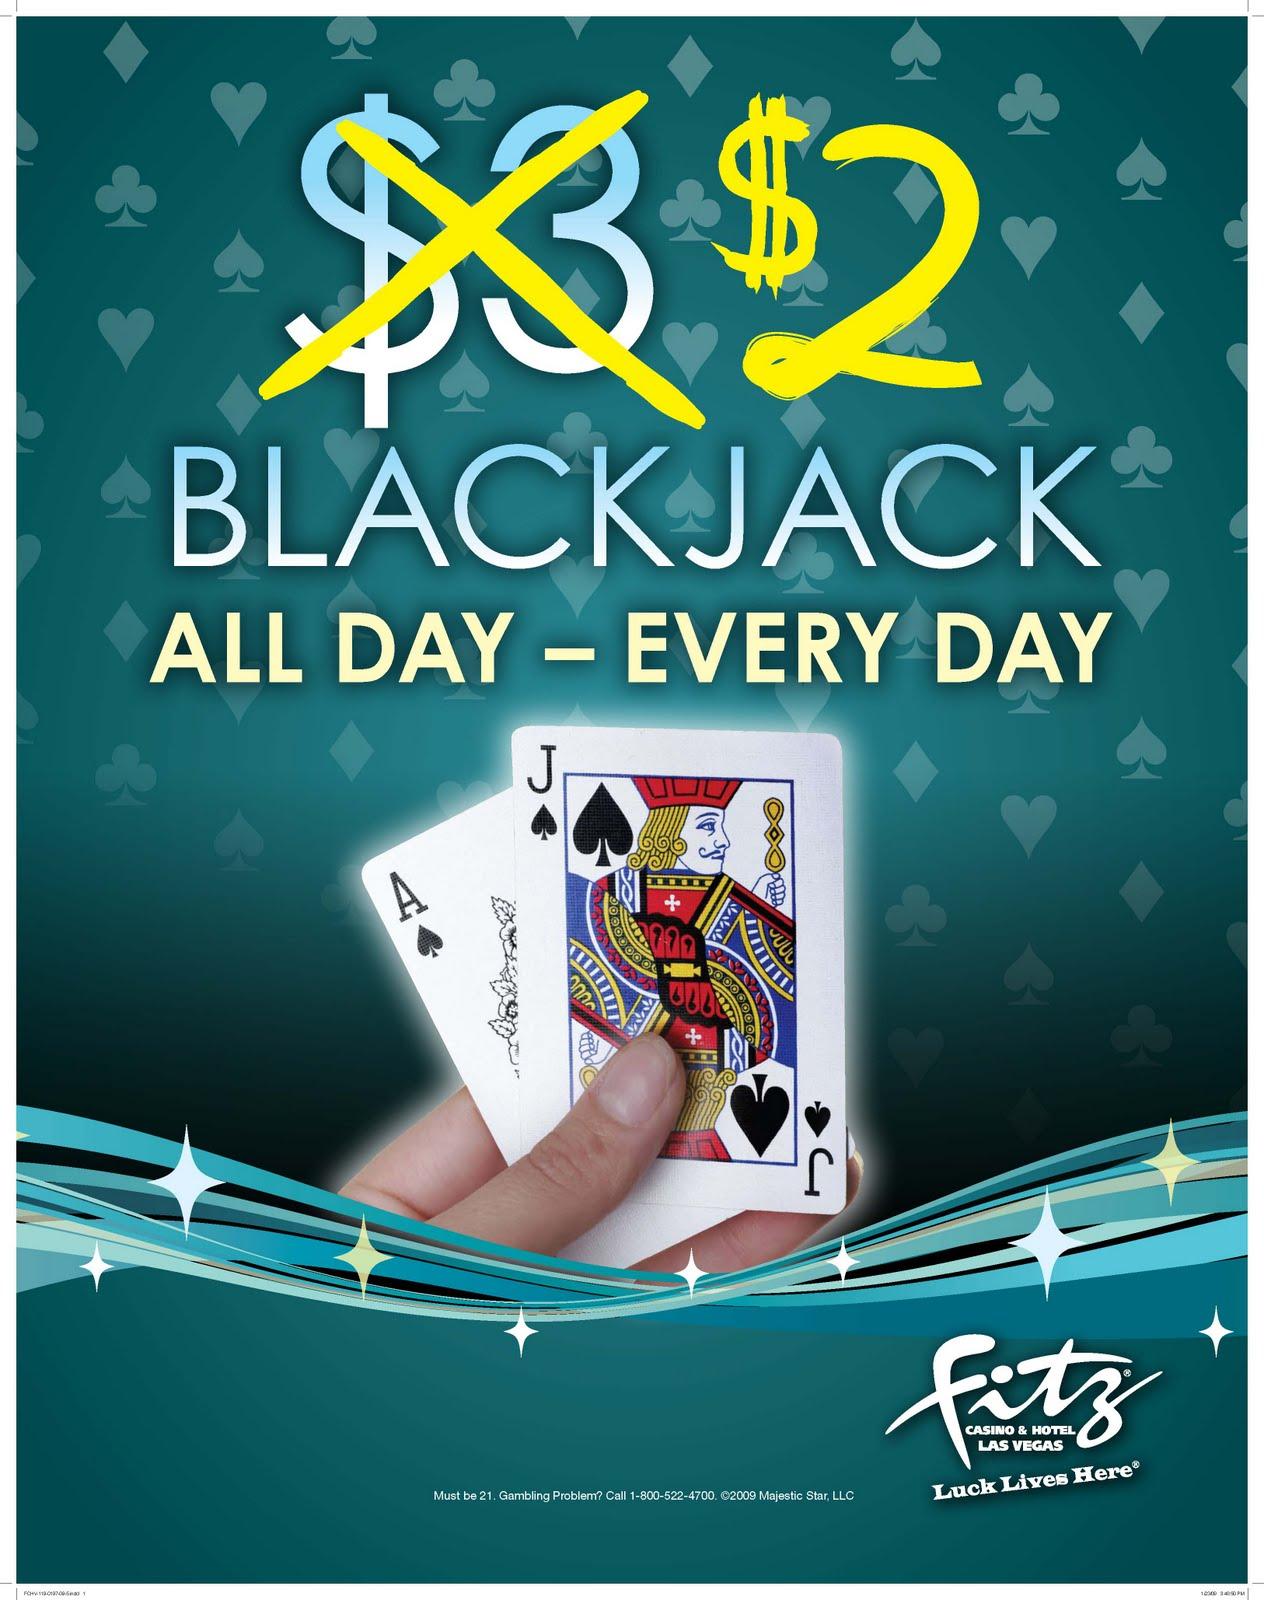 Dollar blackjack vegas